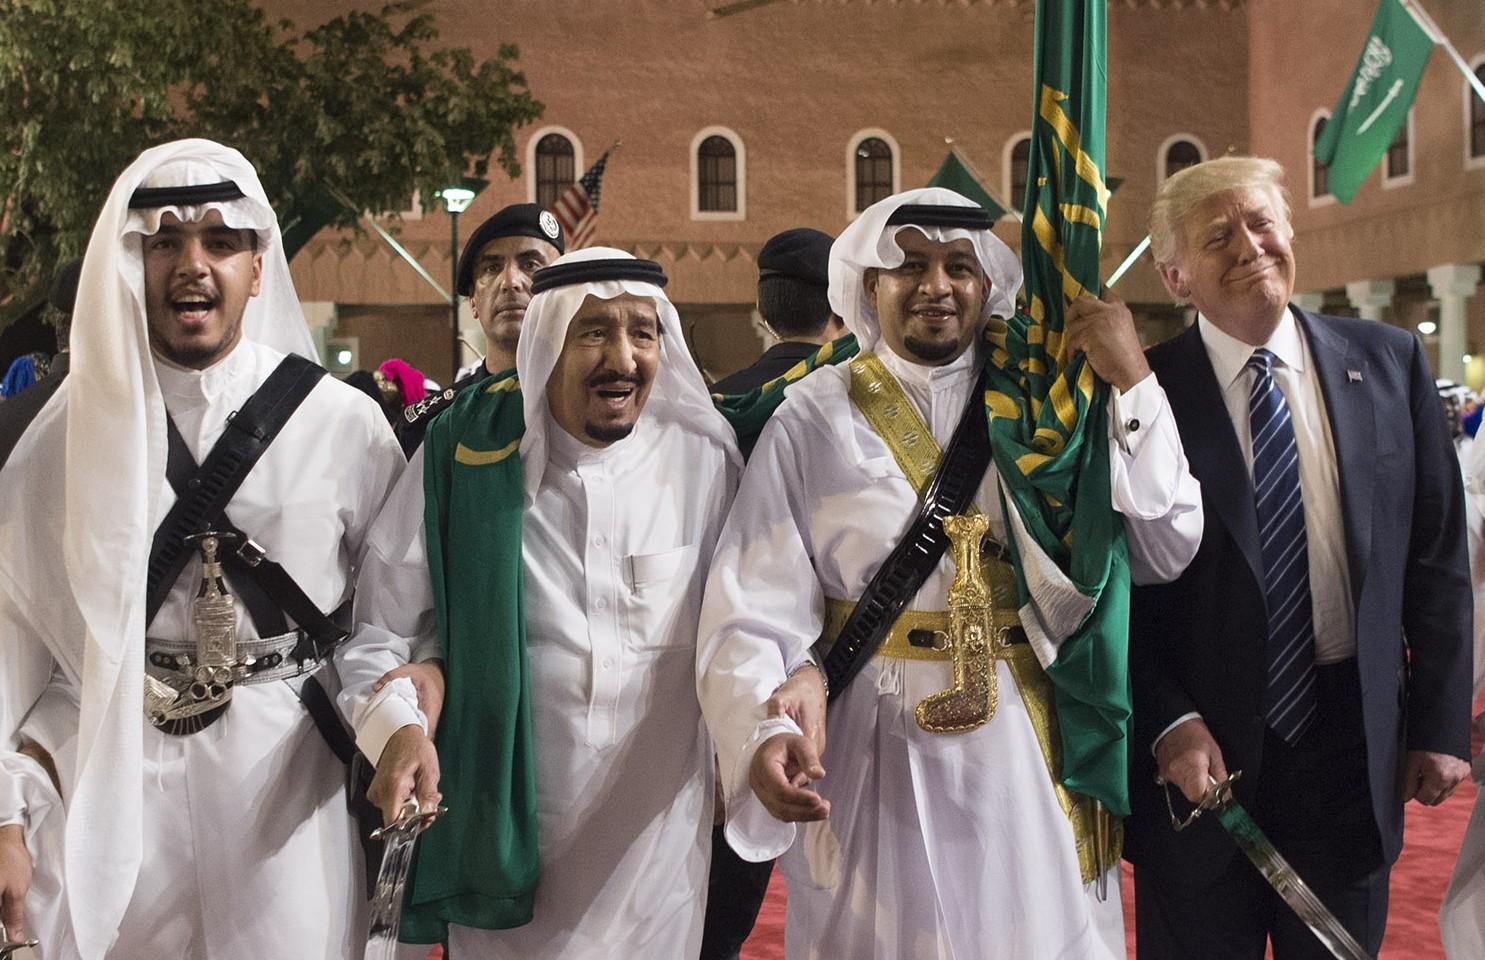 Suudi Arabistan Kralı Selman bin Abdulaziz (sol 2), ilk yurt dışı ziyaretinde Suudi Arabistan'a gelen ABD Başkanı Donald Trump'ın (sağ 2) onuruna başkent Riyad'daki Murabba Sarayı'nda akşam yemeği verdi. ABD Başkanı Trump, düzenlenen karşılama töreninde geleneksel kılıç dansı ile Kral Abdulaziz'e eşlik etti. ( Bandar Algaloud / Suudi Kraliyet Divanı / Handout - Anadolu Ajansı )